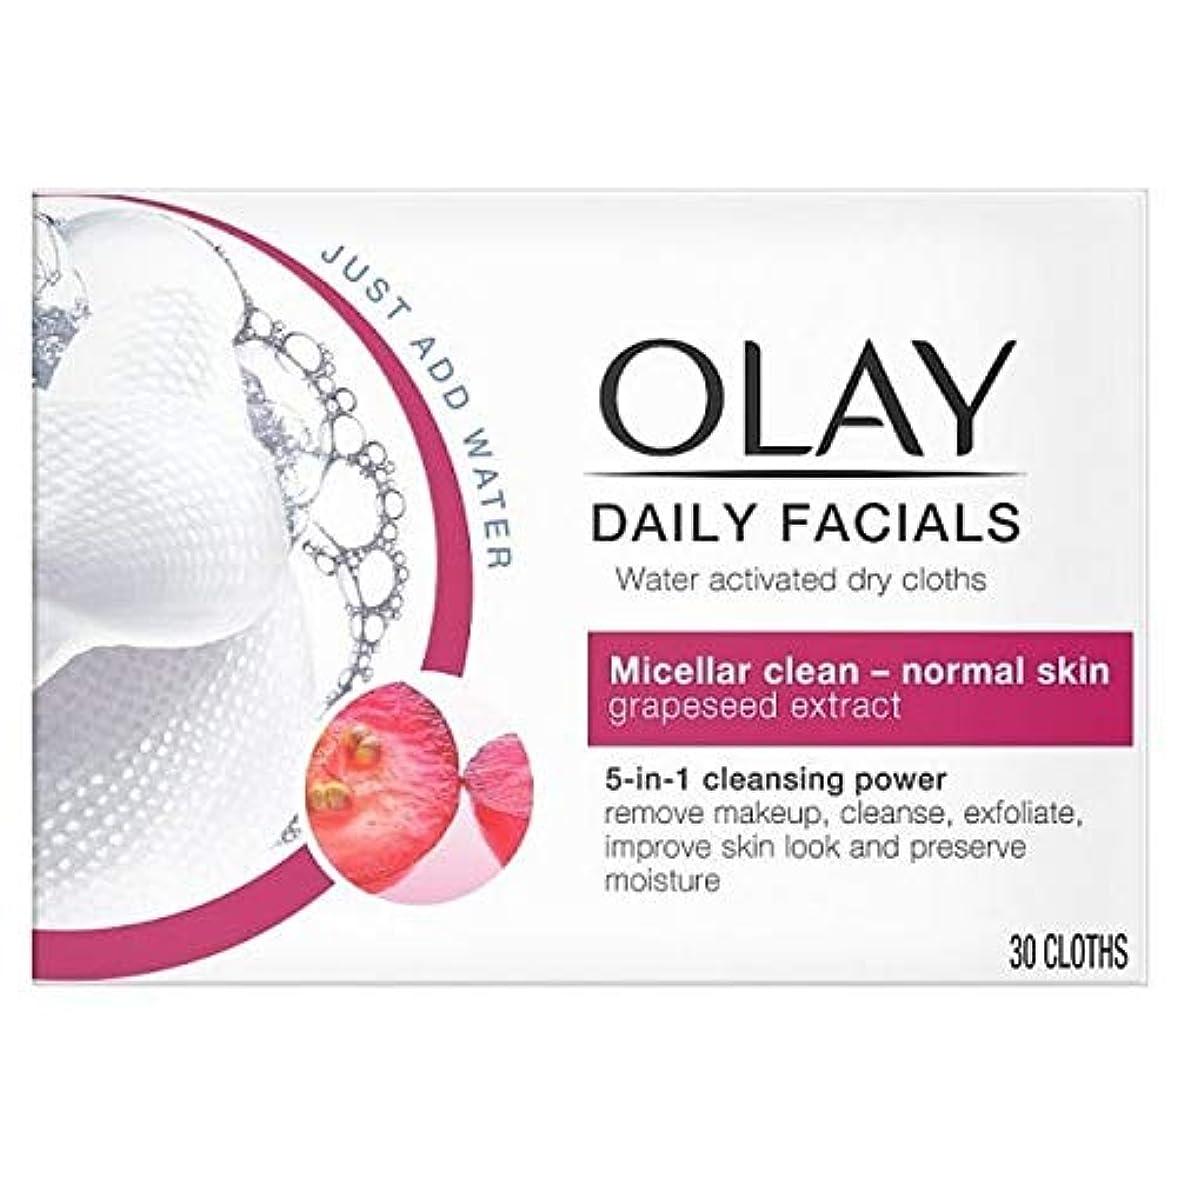 放射性上級圧倒する[Olay ] オーレイ毎日フェイシャル5-In1は乾燥布 - 正常な皮膚 - Olay Daily Facials 5-in1 Dry Cloths - Normal Skin [並行輸入品]